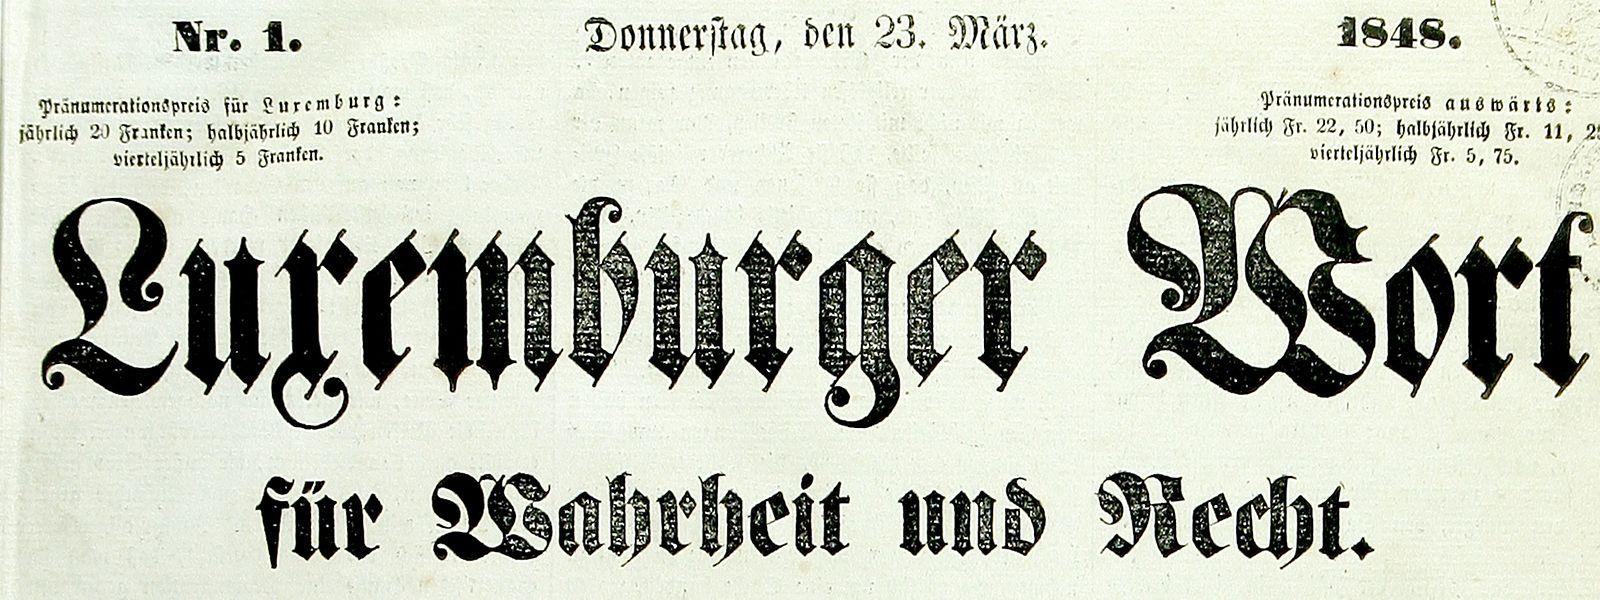 Luxemburger Wort 1848